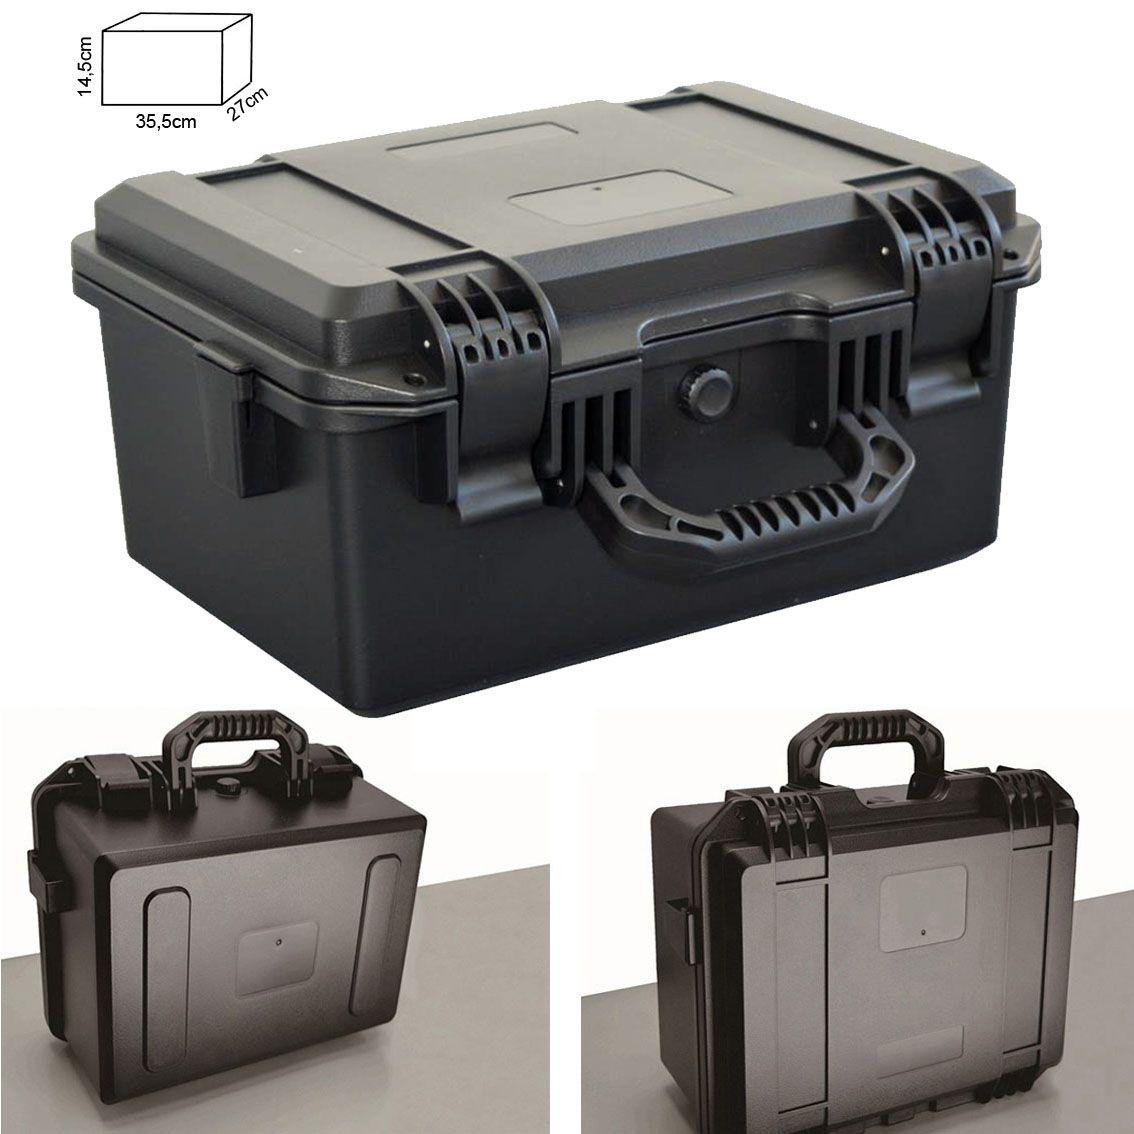 Mala Rigida DSLR - CaseONE YF2133L Foam com Kit de Limpeza EC05  - Diafilme Materiais Fotográficos